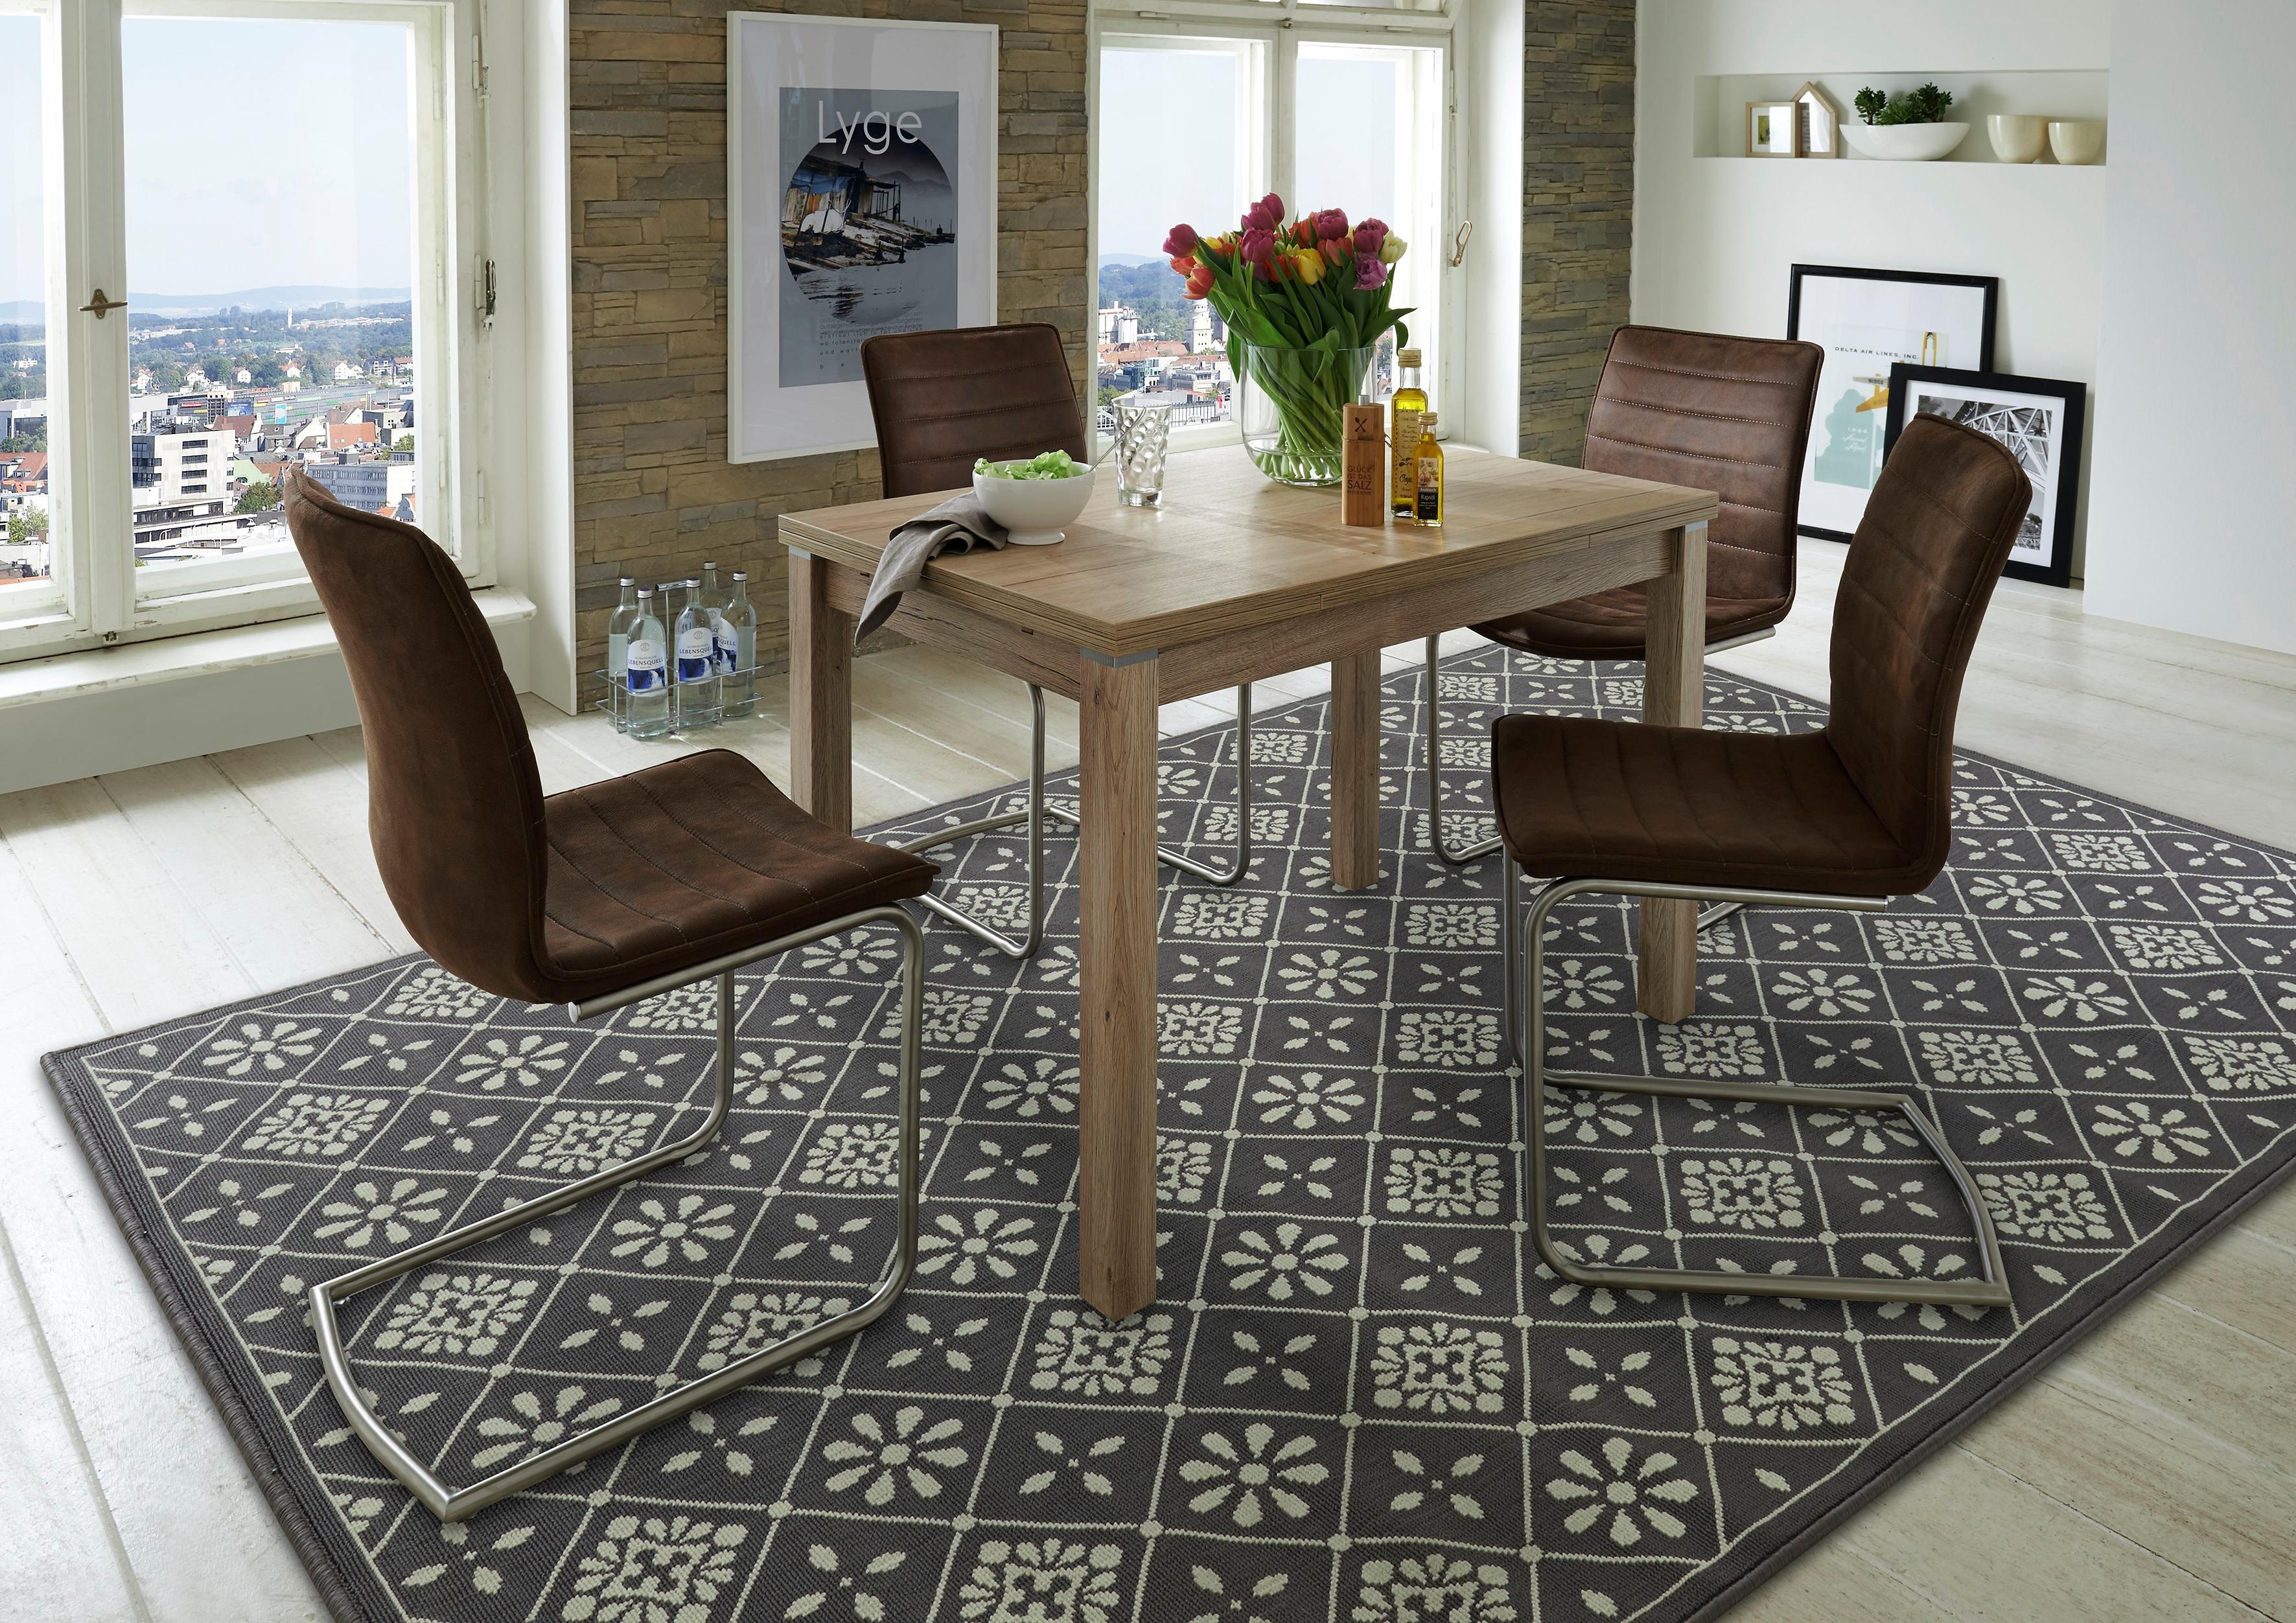 Stahl Freischwinger online kaufen | Möbel-Suchmaschine | ladendirekt.de